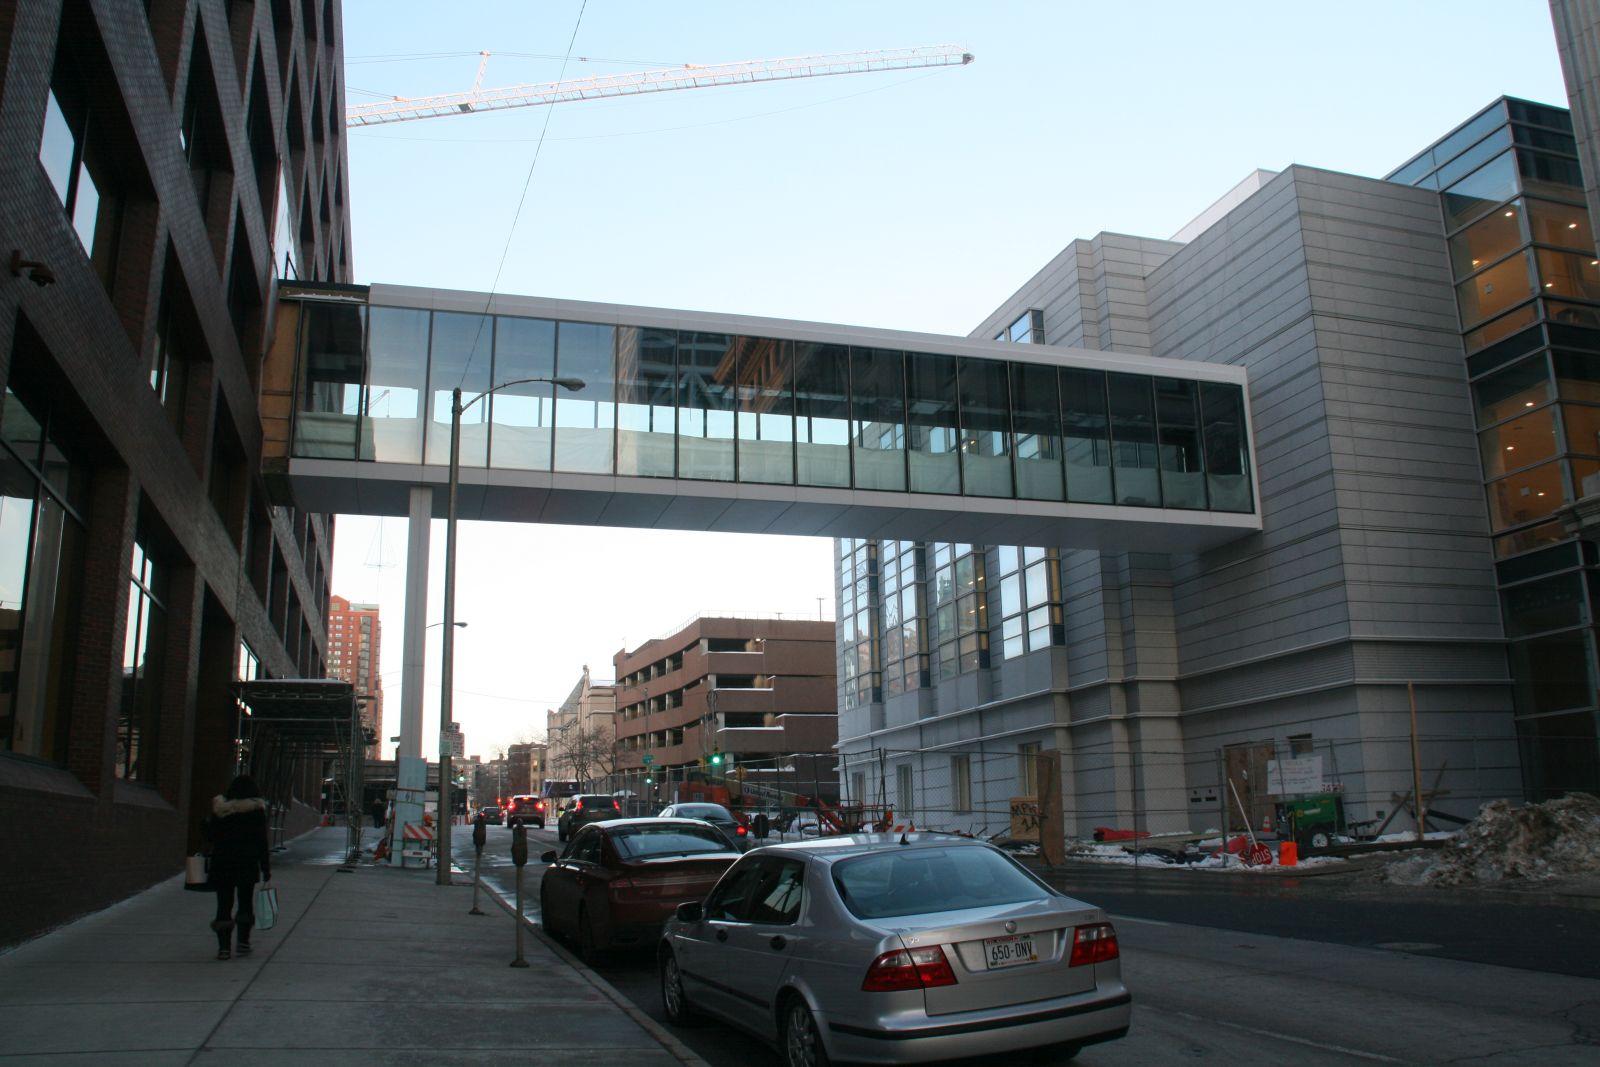 N. Van Buren St. Skywalk